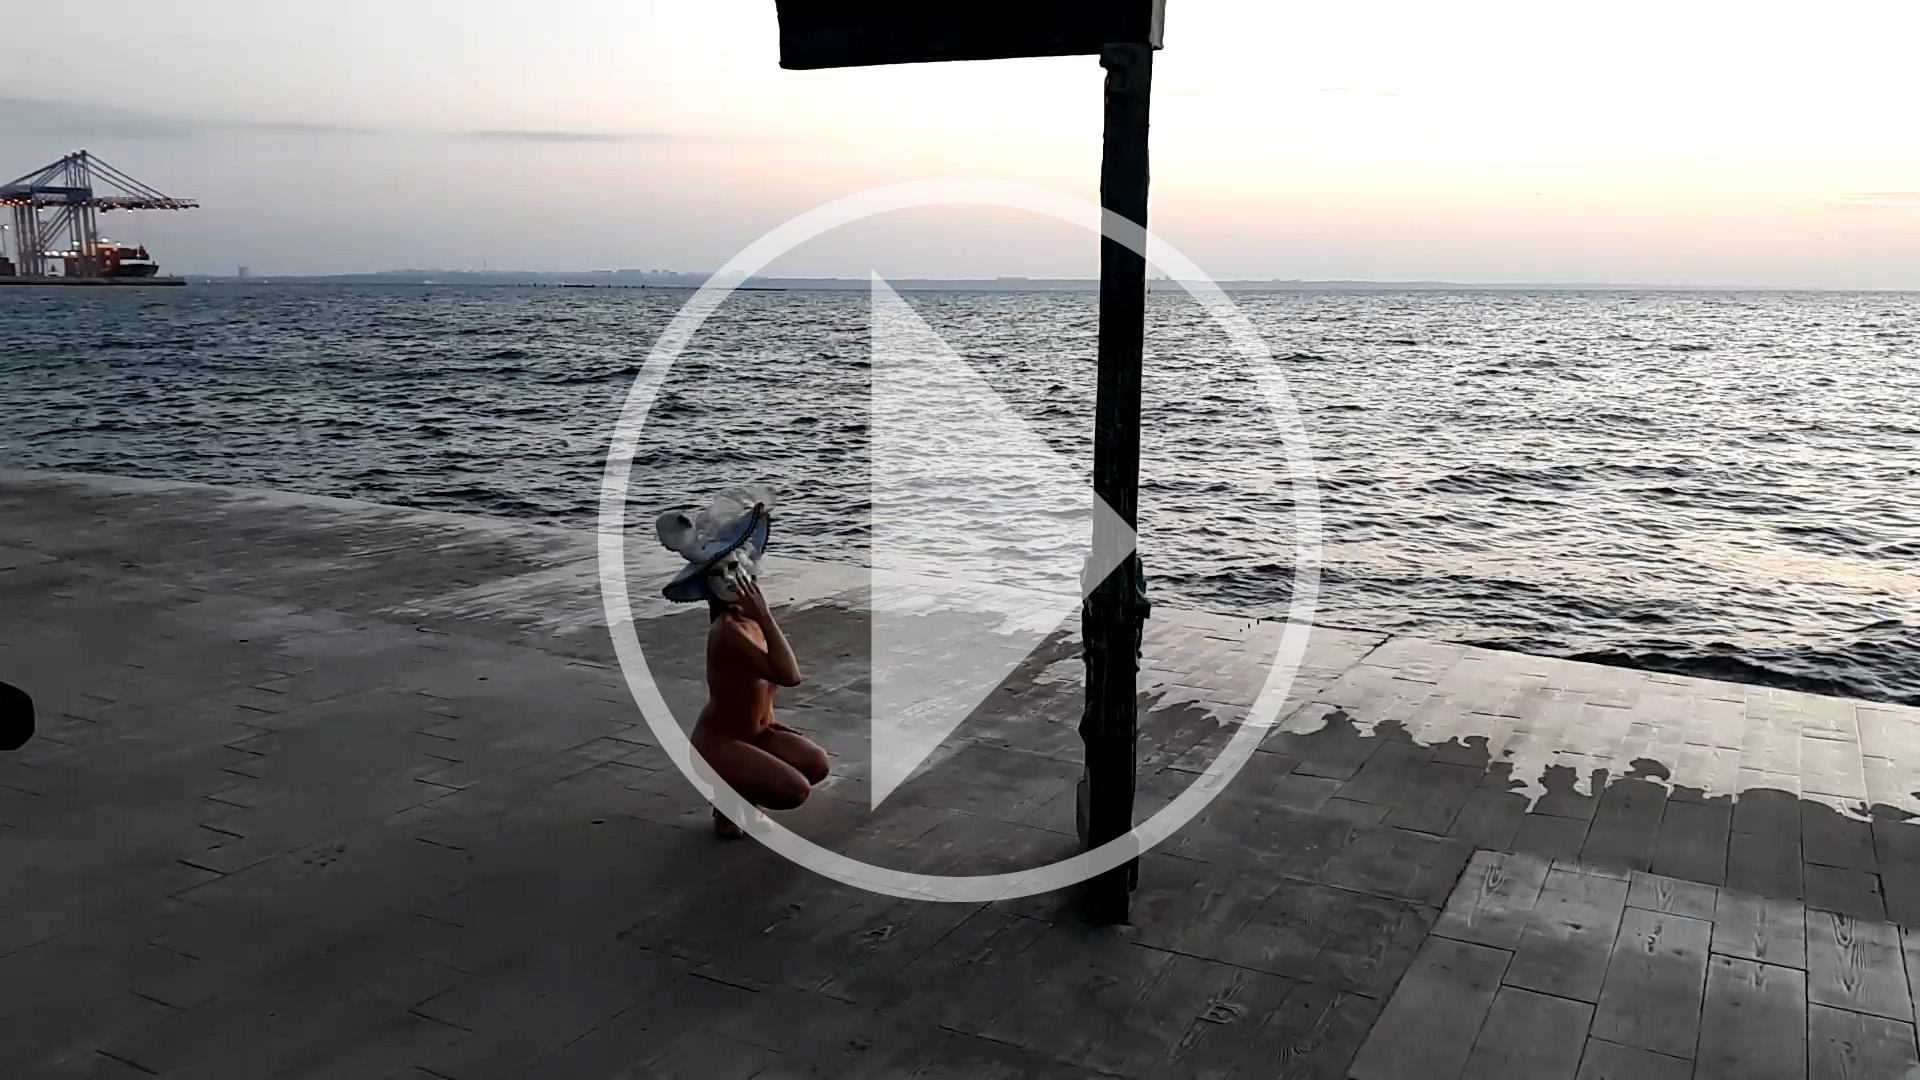 Видео бекстейдж ню-арт-фото сессии Пабло Инкогнито